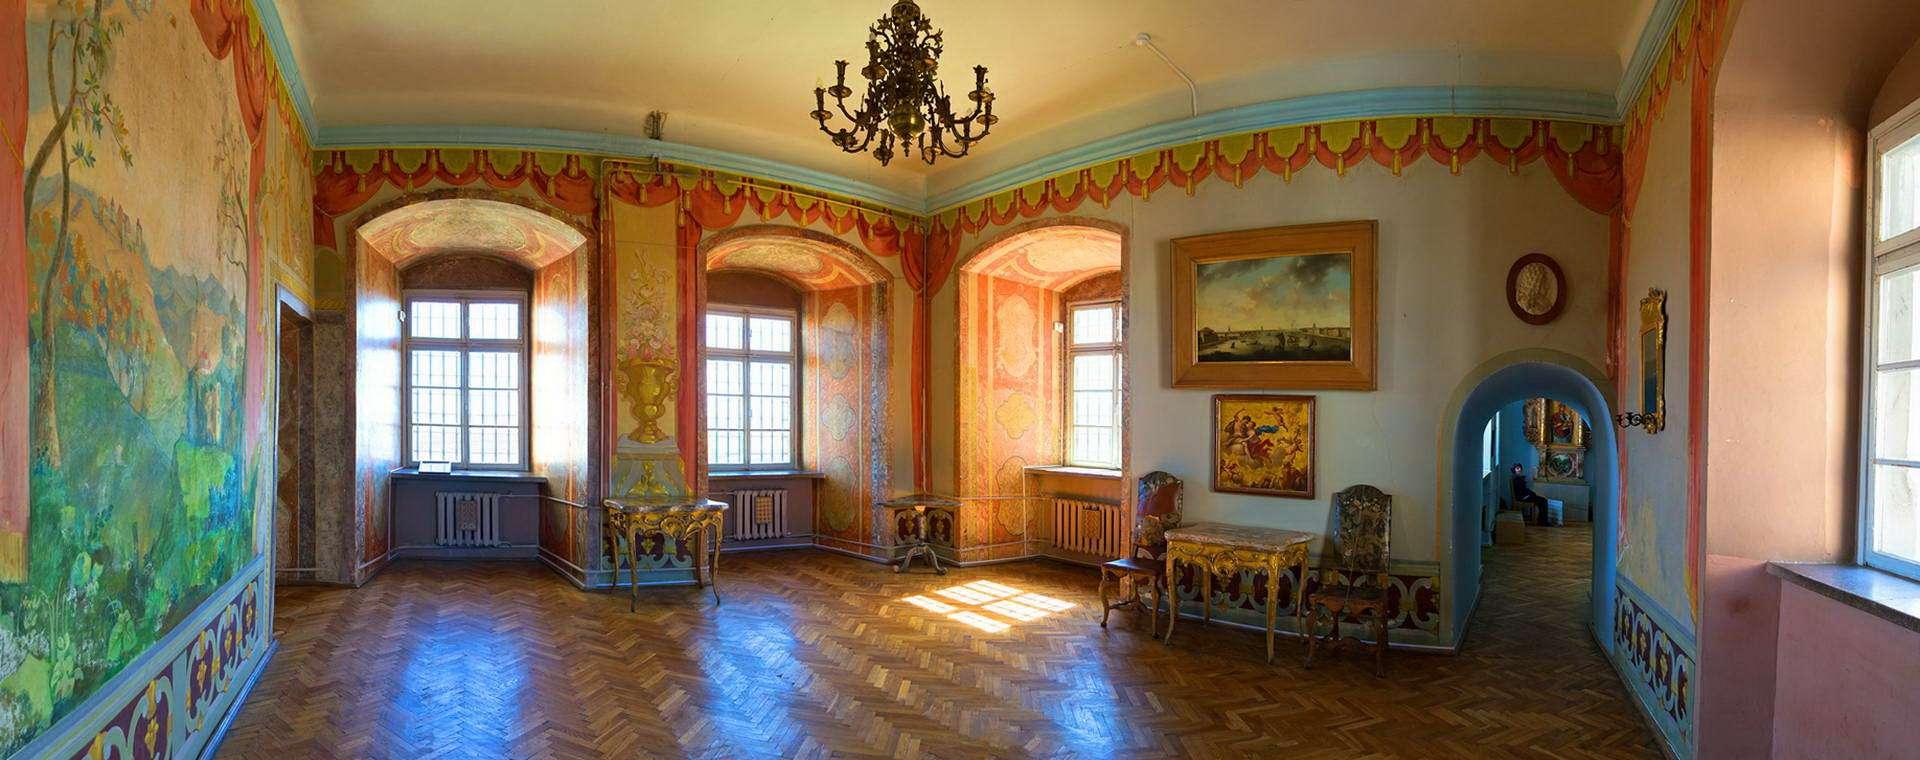 Інтер'єр кімнати Олеського замку